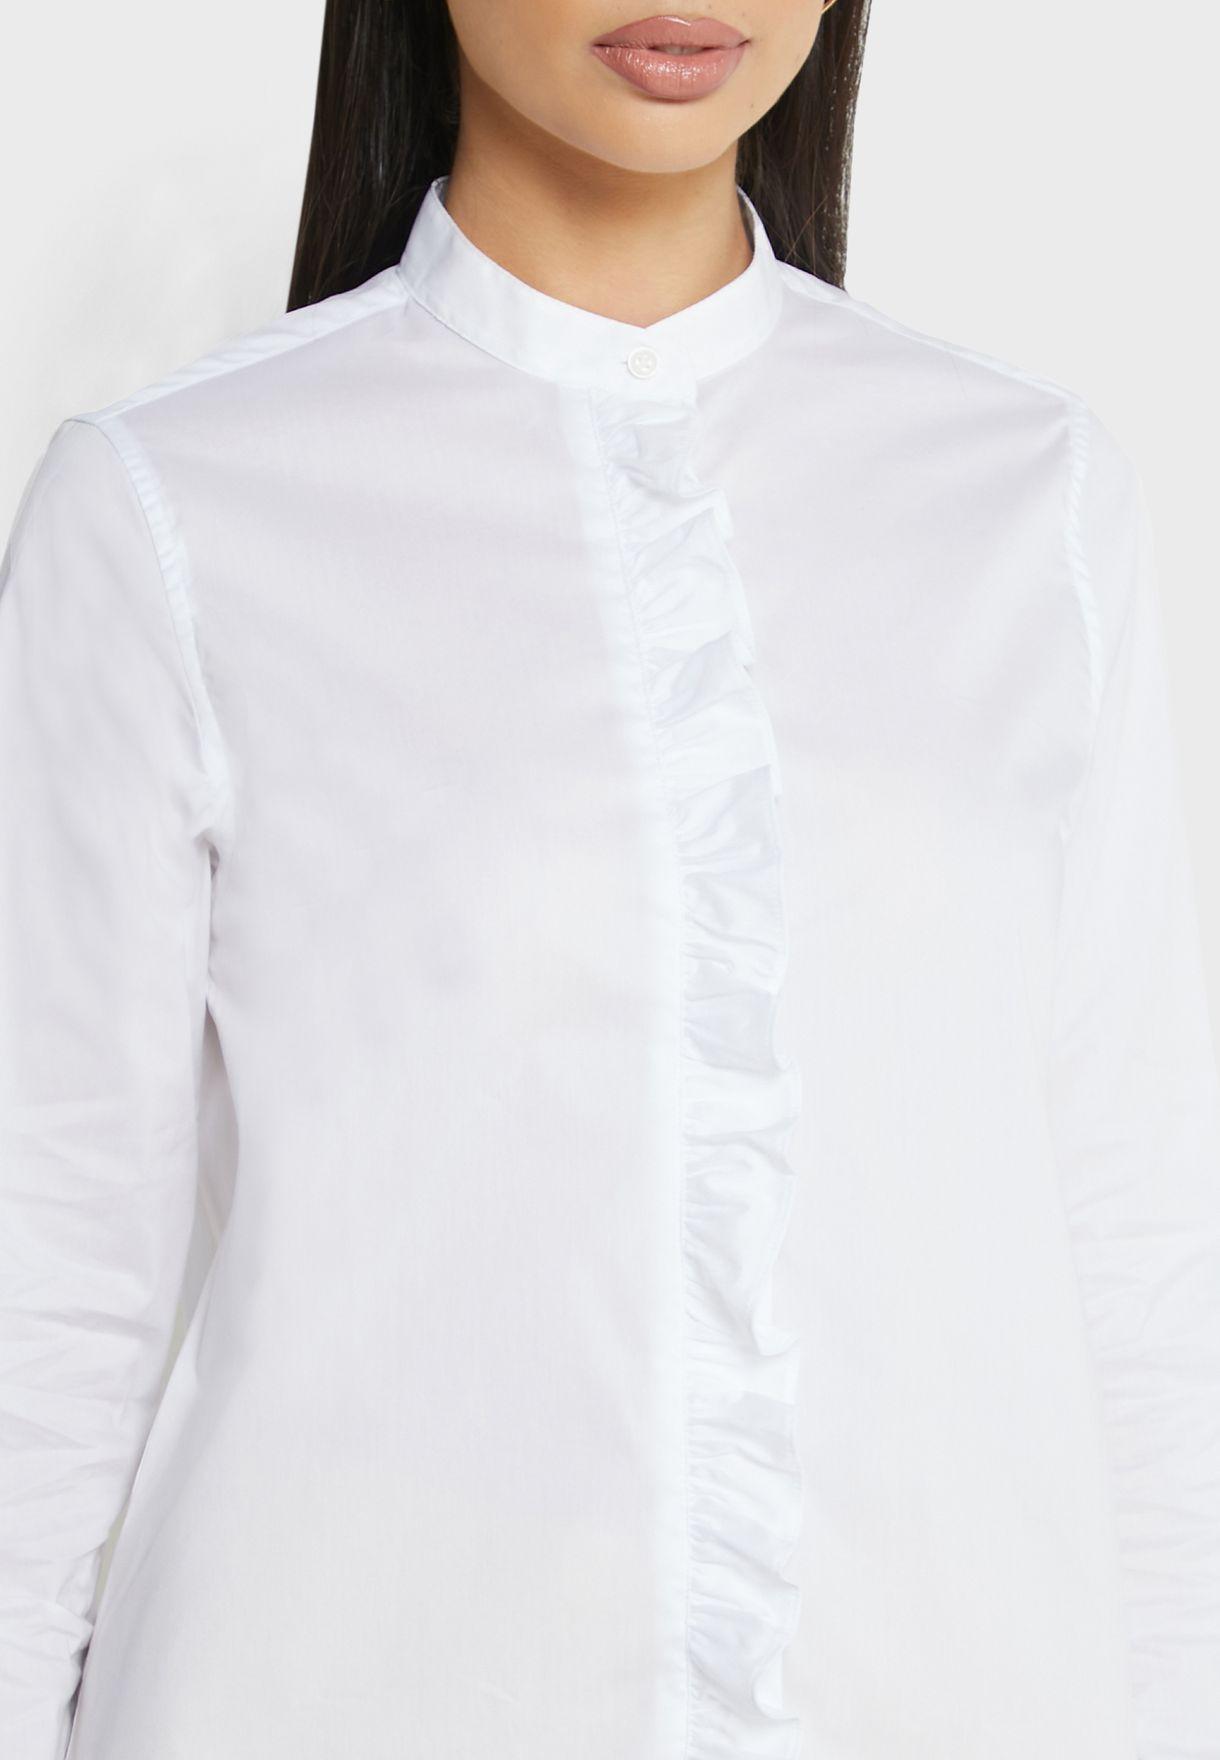 Ruffle Trim Shirt